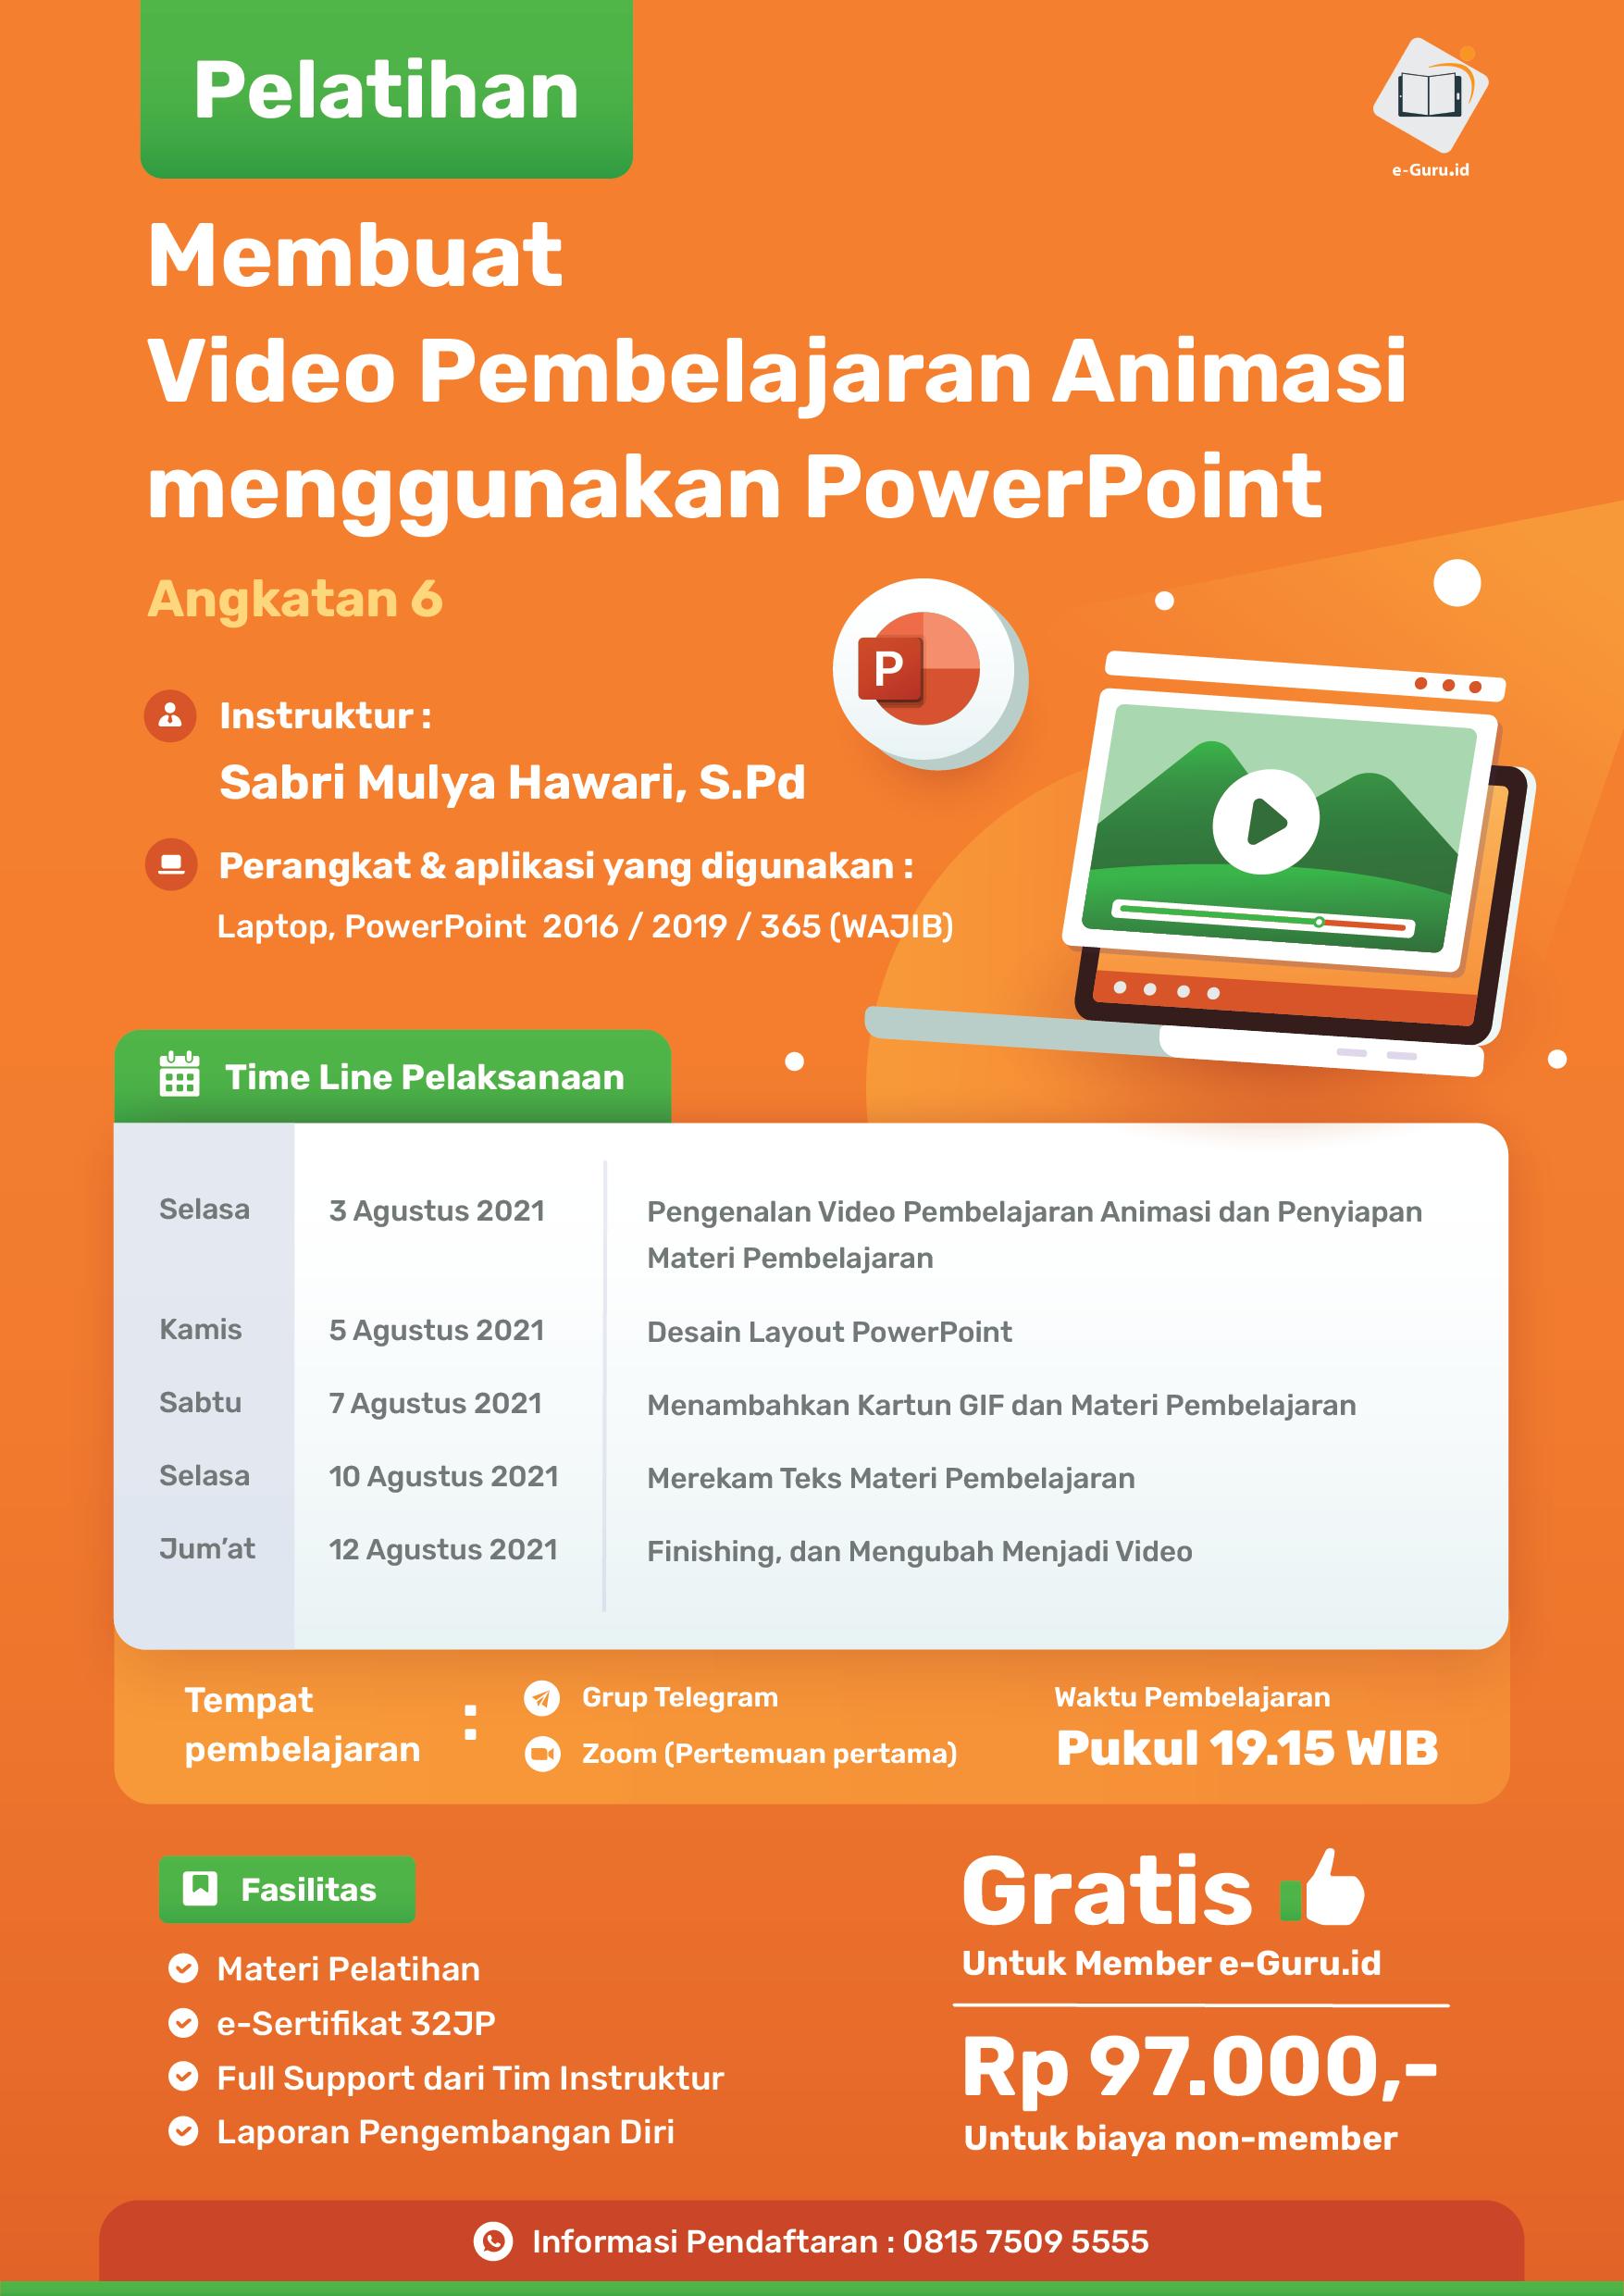 04. Membuat Video Pembelajaran Animasi menggunakan PowerPoint-02